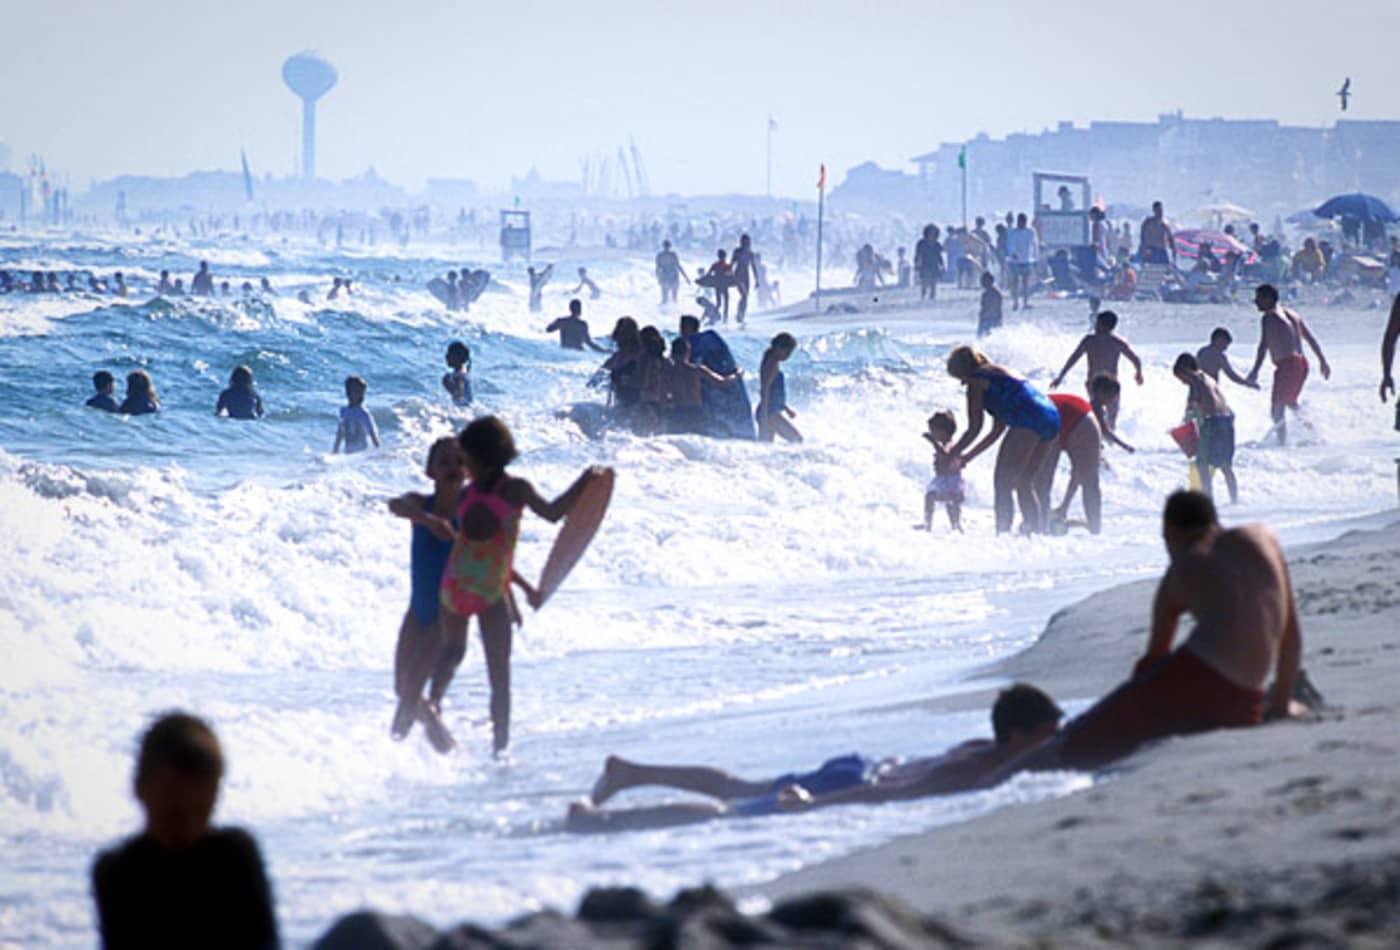 Ocean-City-New-Jersey-Cities-Top-Job-Growth-CNBC.jpg